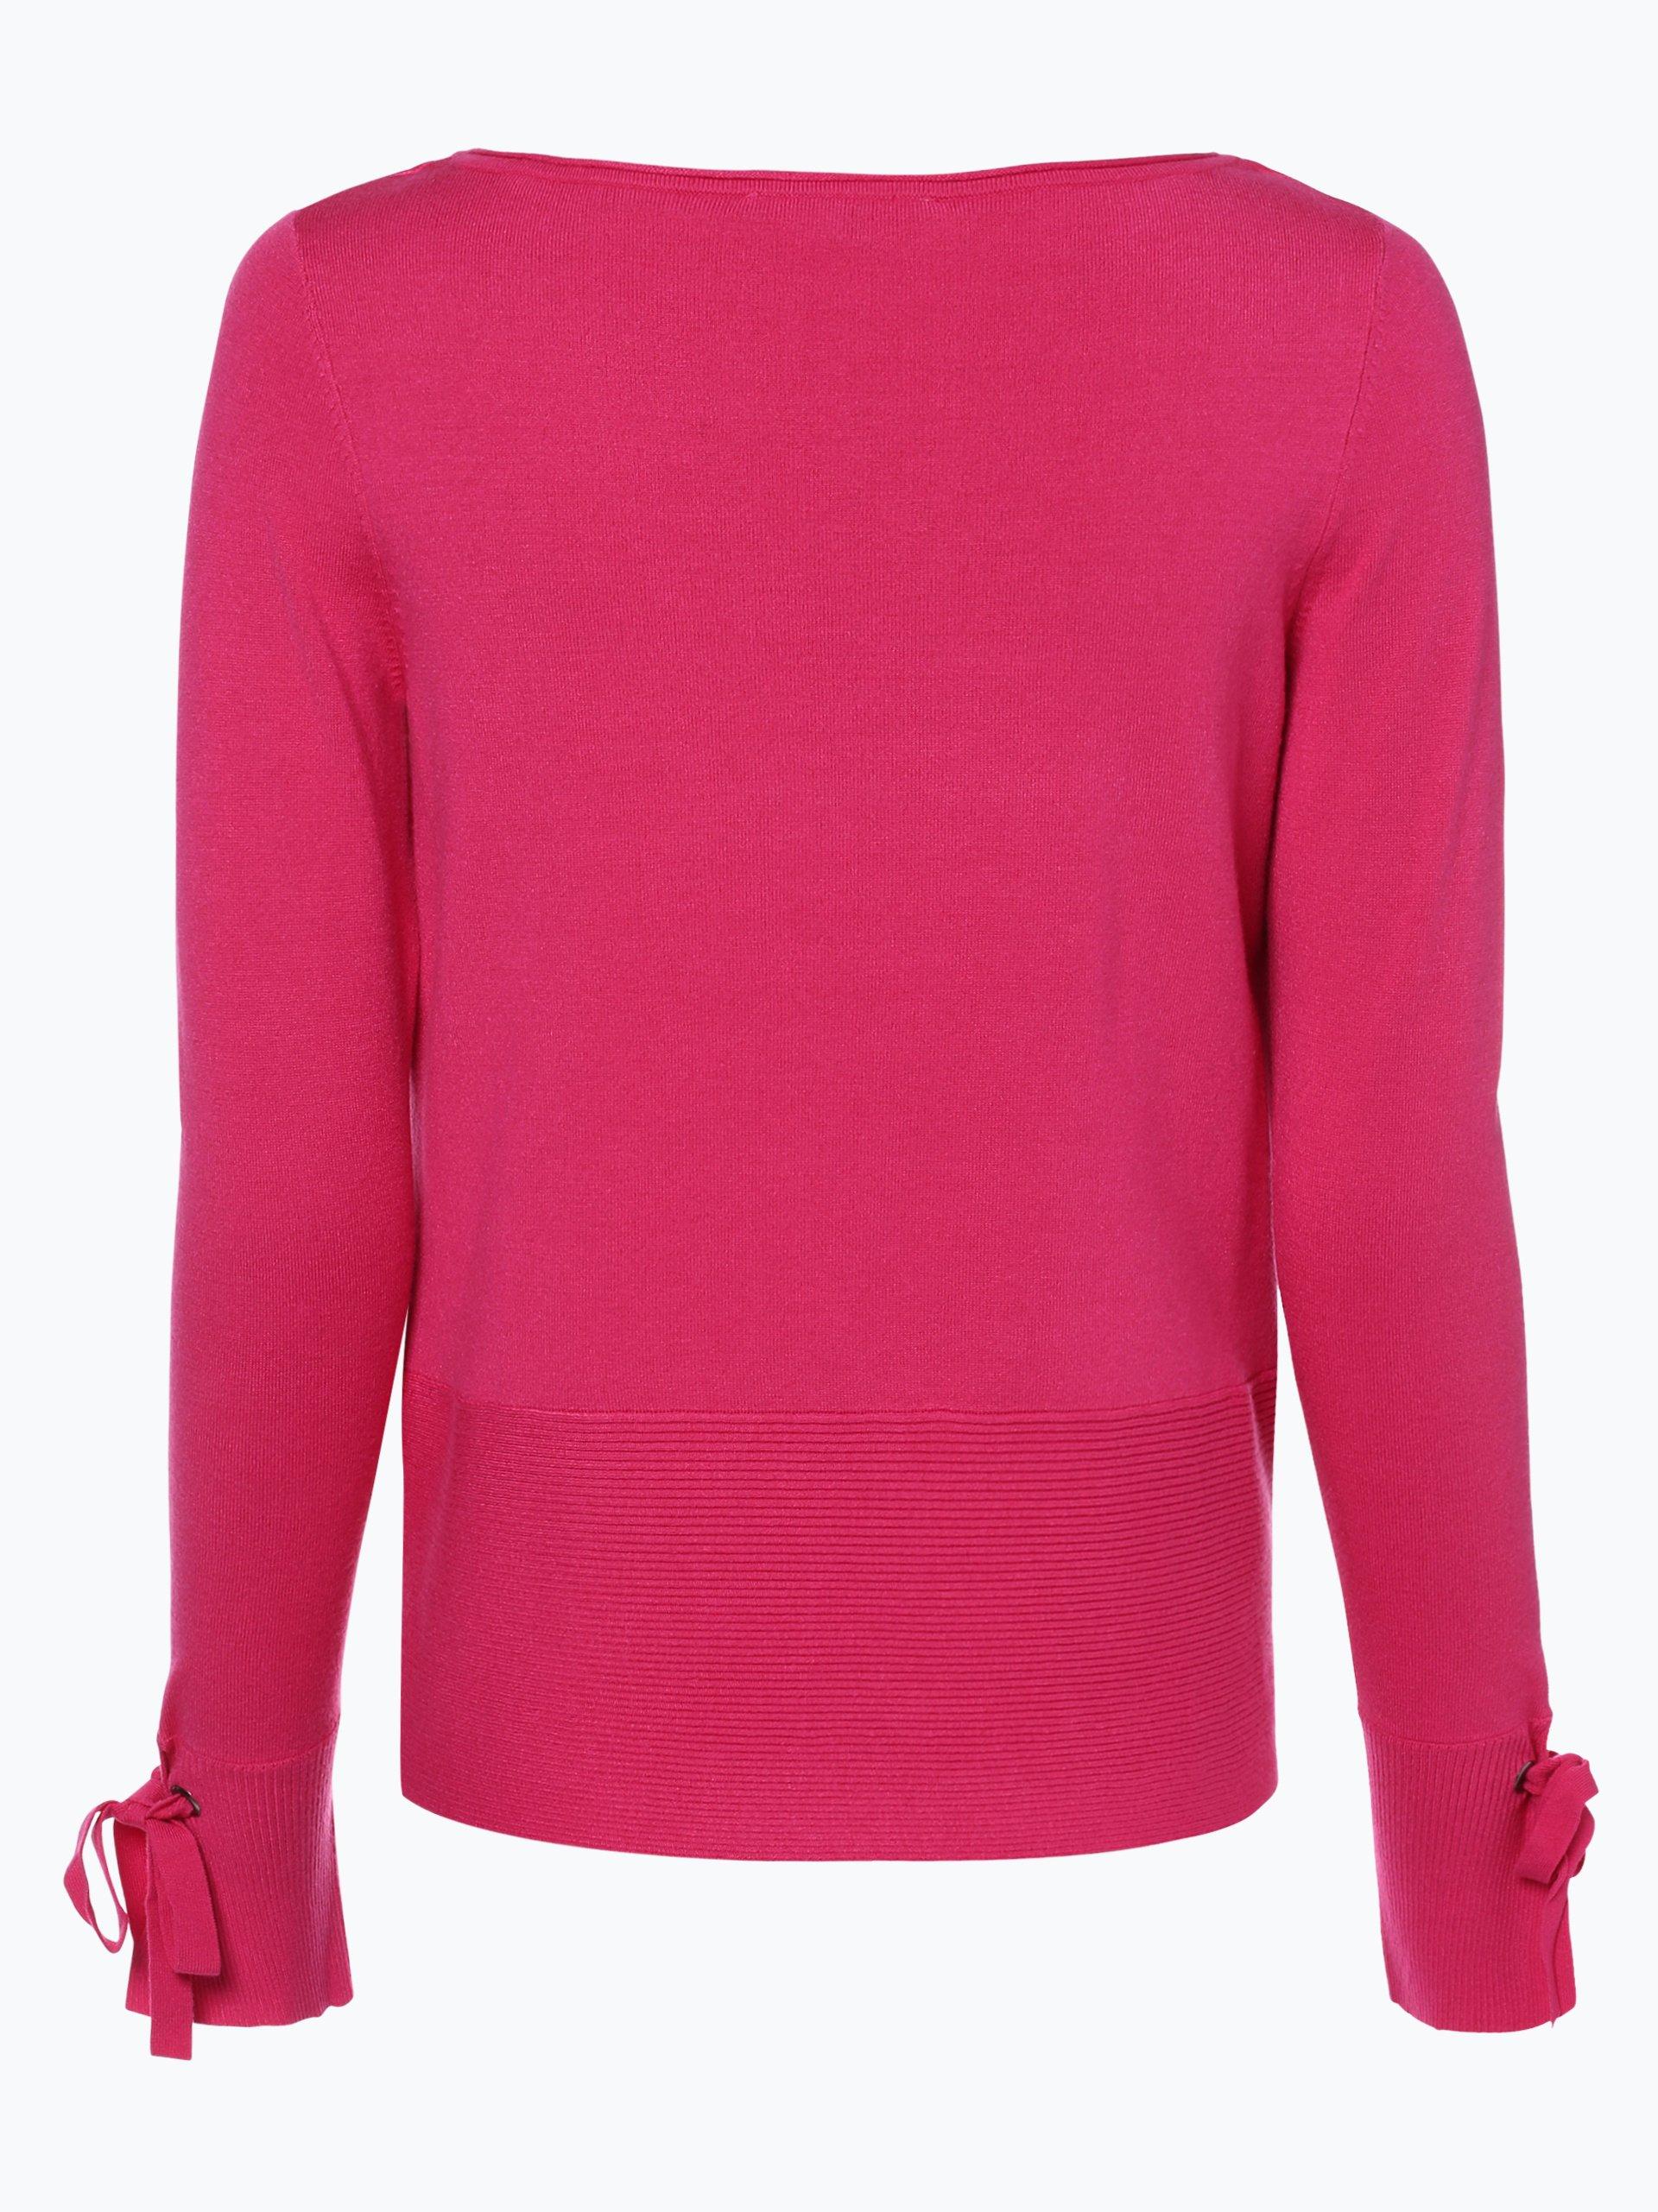 comma damen pullover pink uni online kaufen vangraaf com. Black Bedroom Furniture Sets. Home Design Ideas